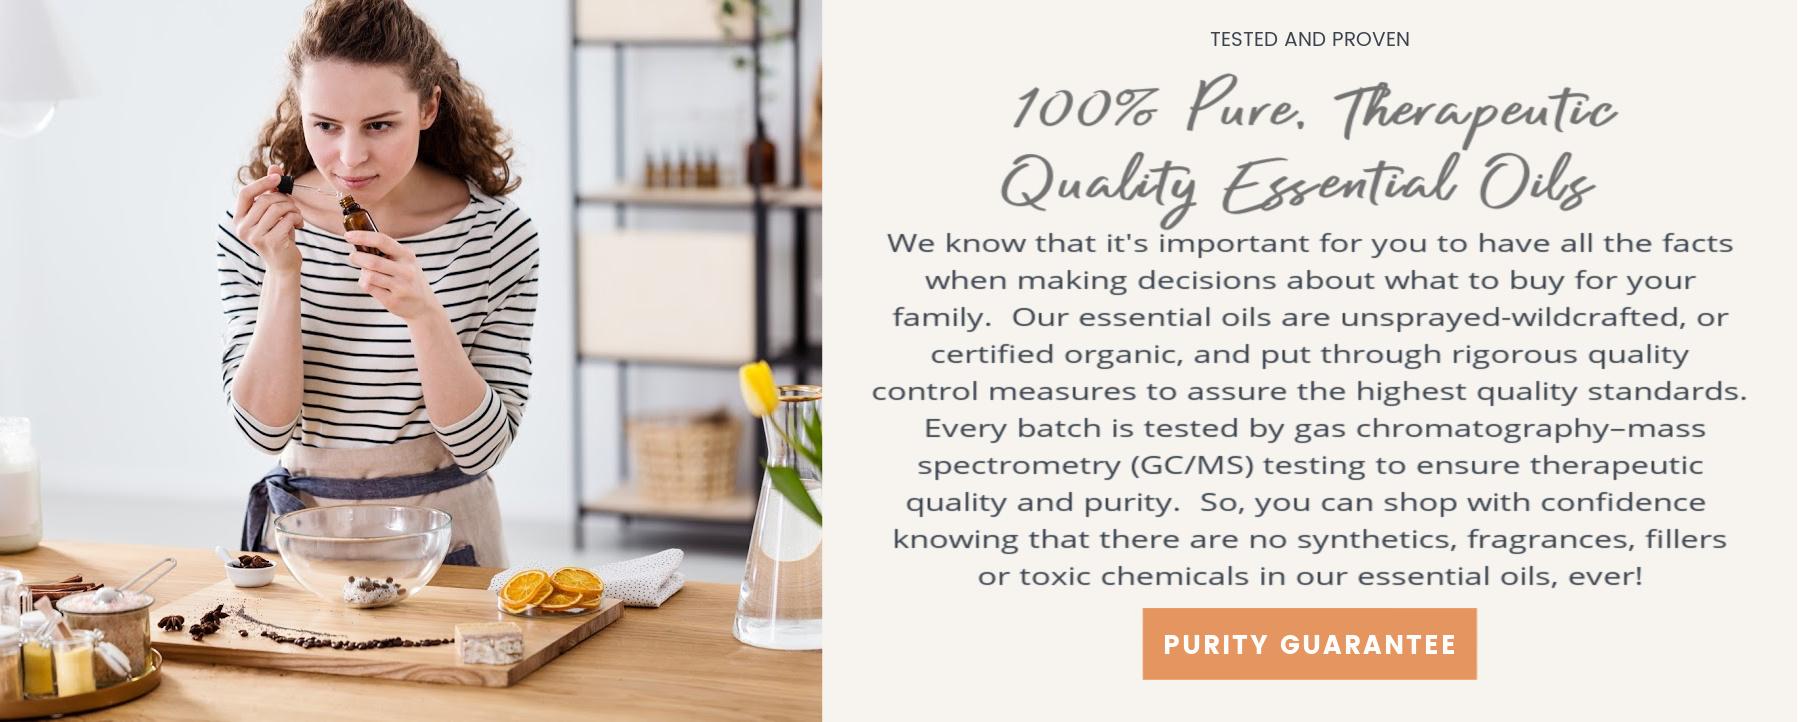 1-purity-guarantee-aromatherapy-2021.jpg